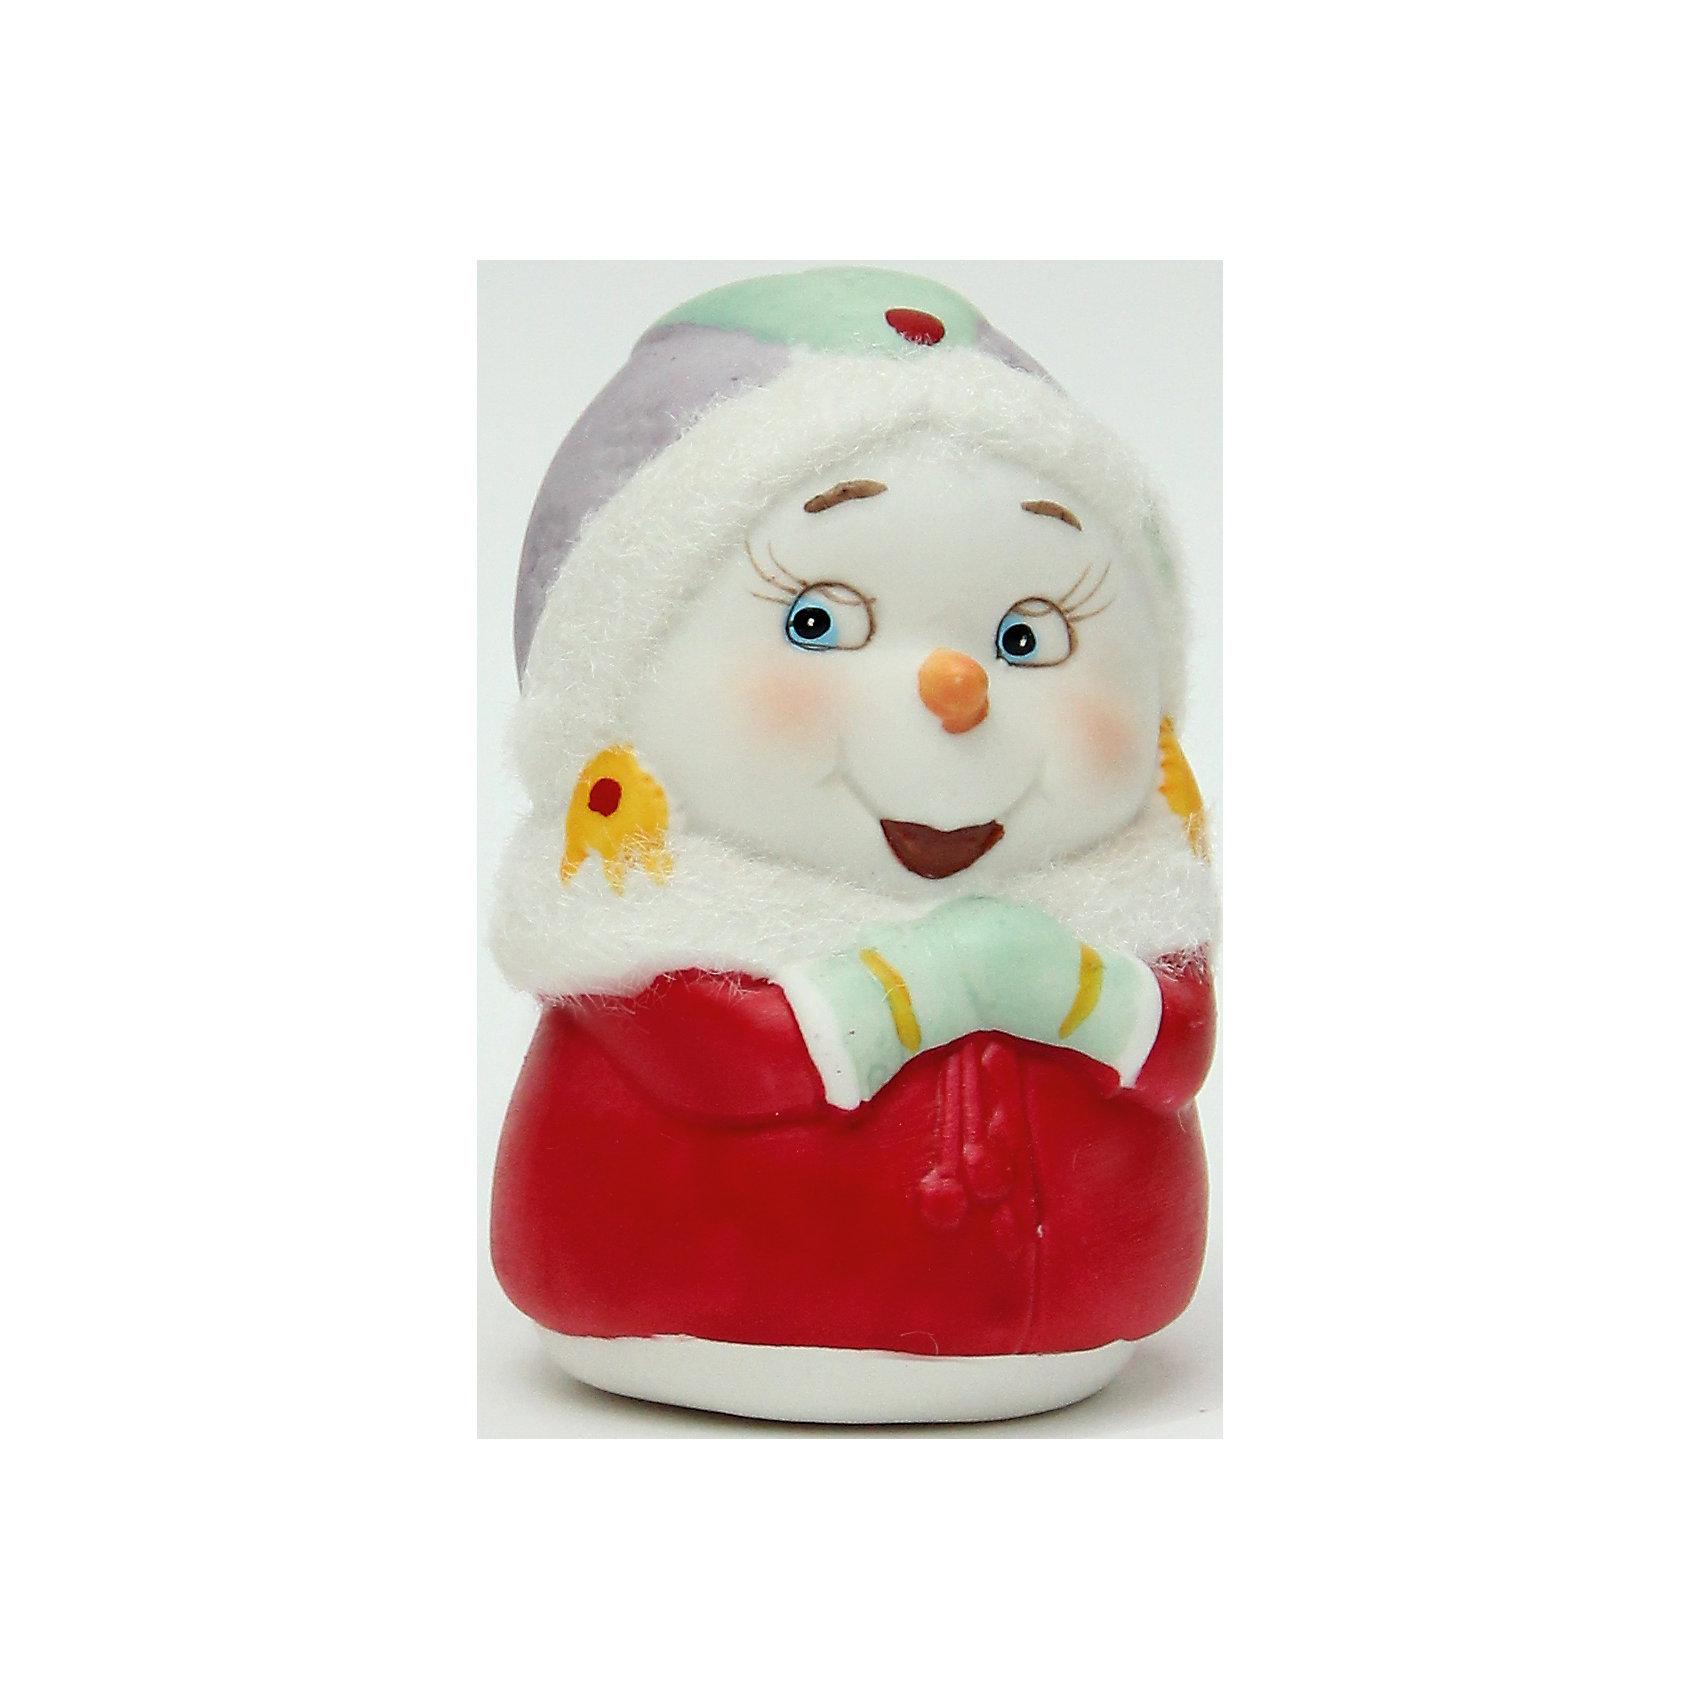 Фигурка Снеговичка 8 см, керамикаНовогодняя фигурка снеговика Снеговик-девушка арт.38341 (8см, керамика)<br><br>Ширина мм: 60<br>Глубина мм: 60<br>Высота мм: 80<br>Вес г: 124<br>Возраст от месяцев: 60<br>Возраст до месяцев: 600<br>Пол: Унисекс<br>Возраст: Детский<br>SKU: 5144559